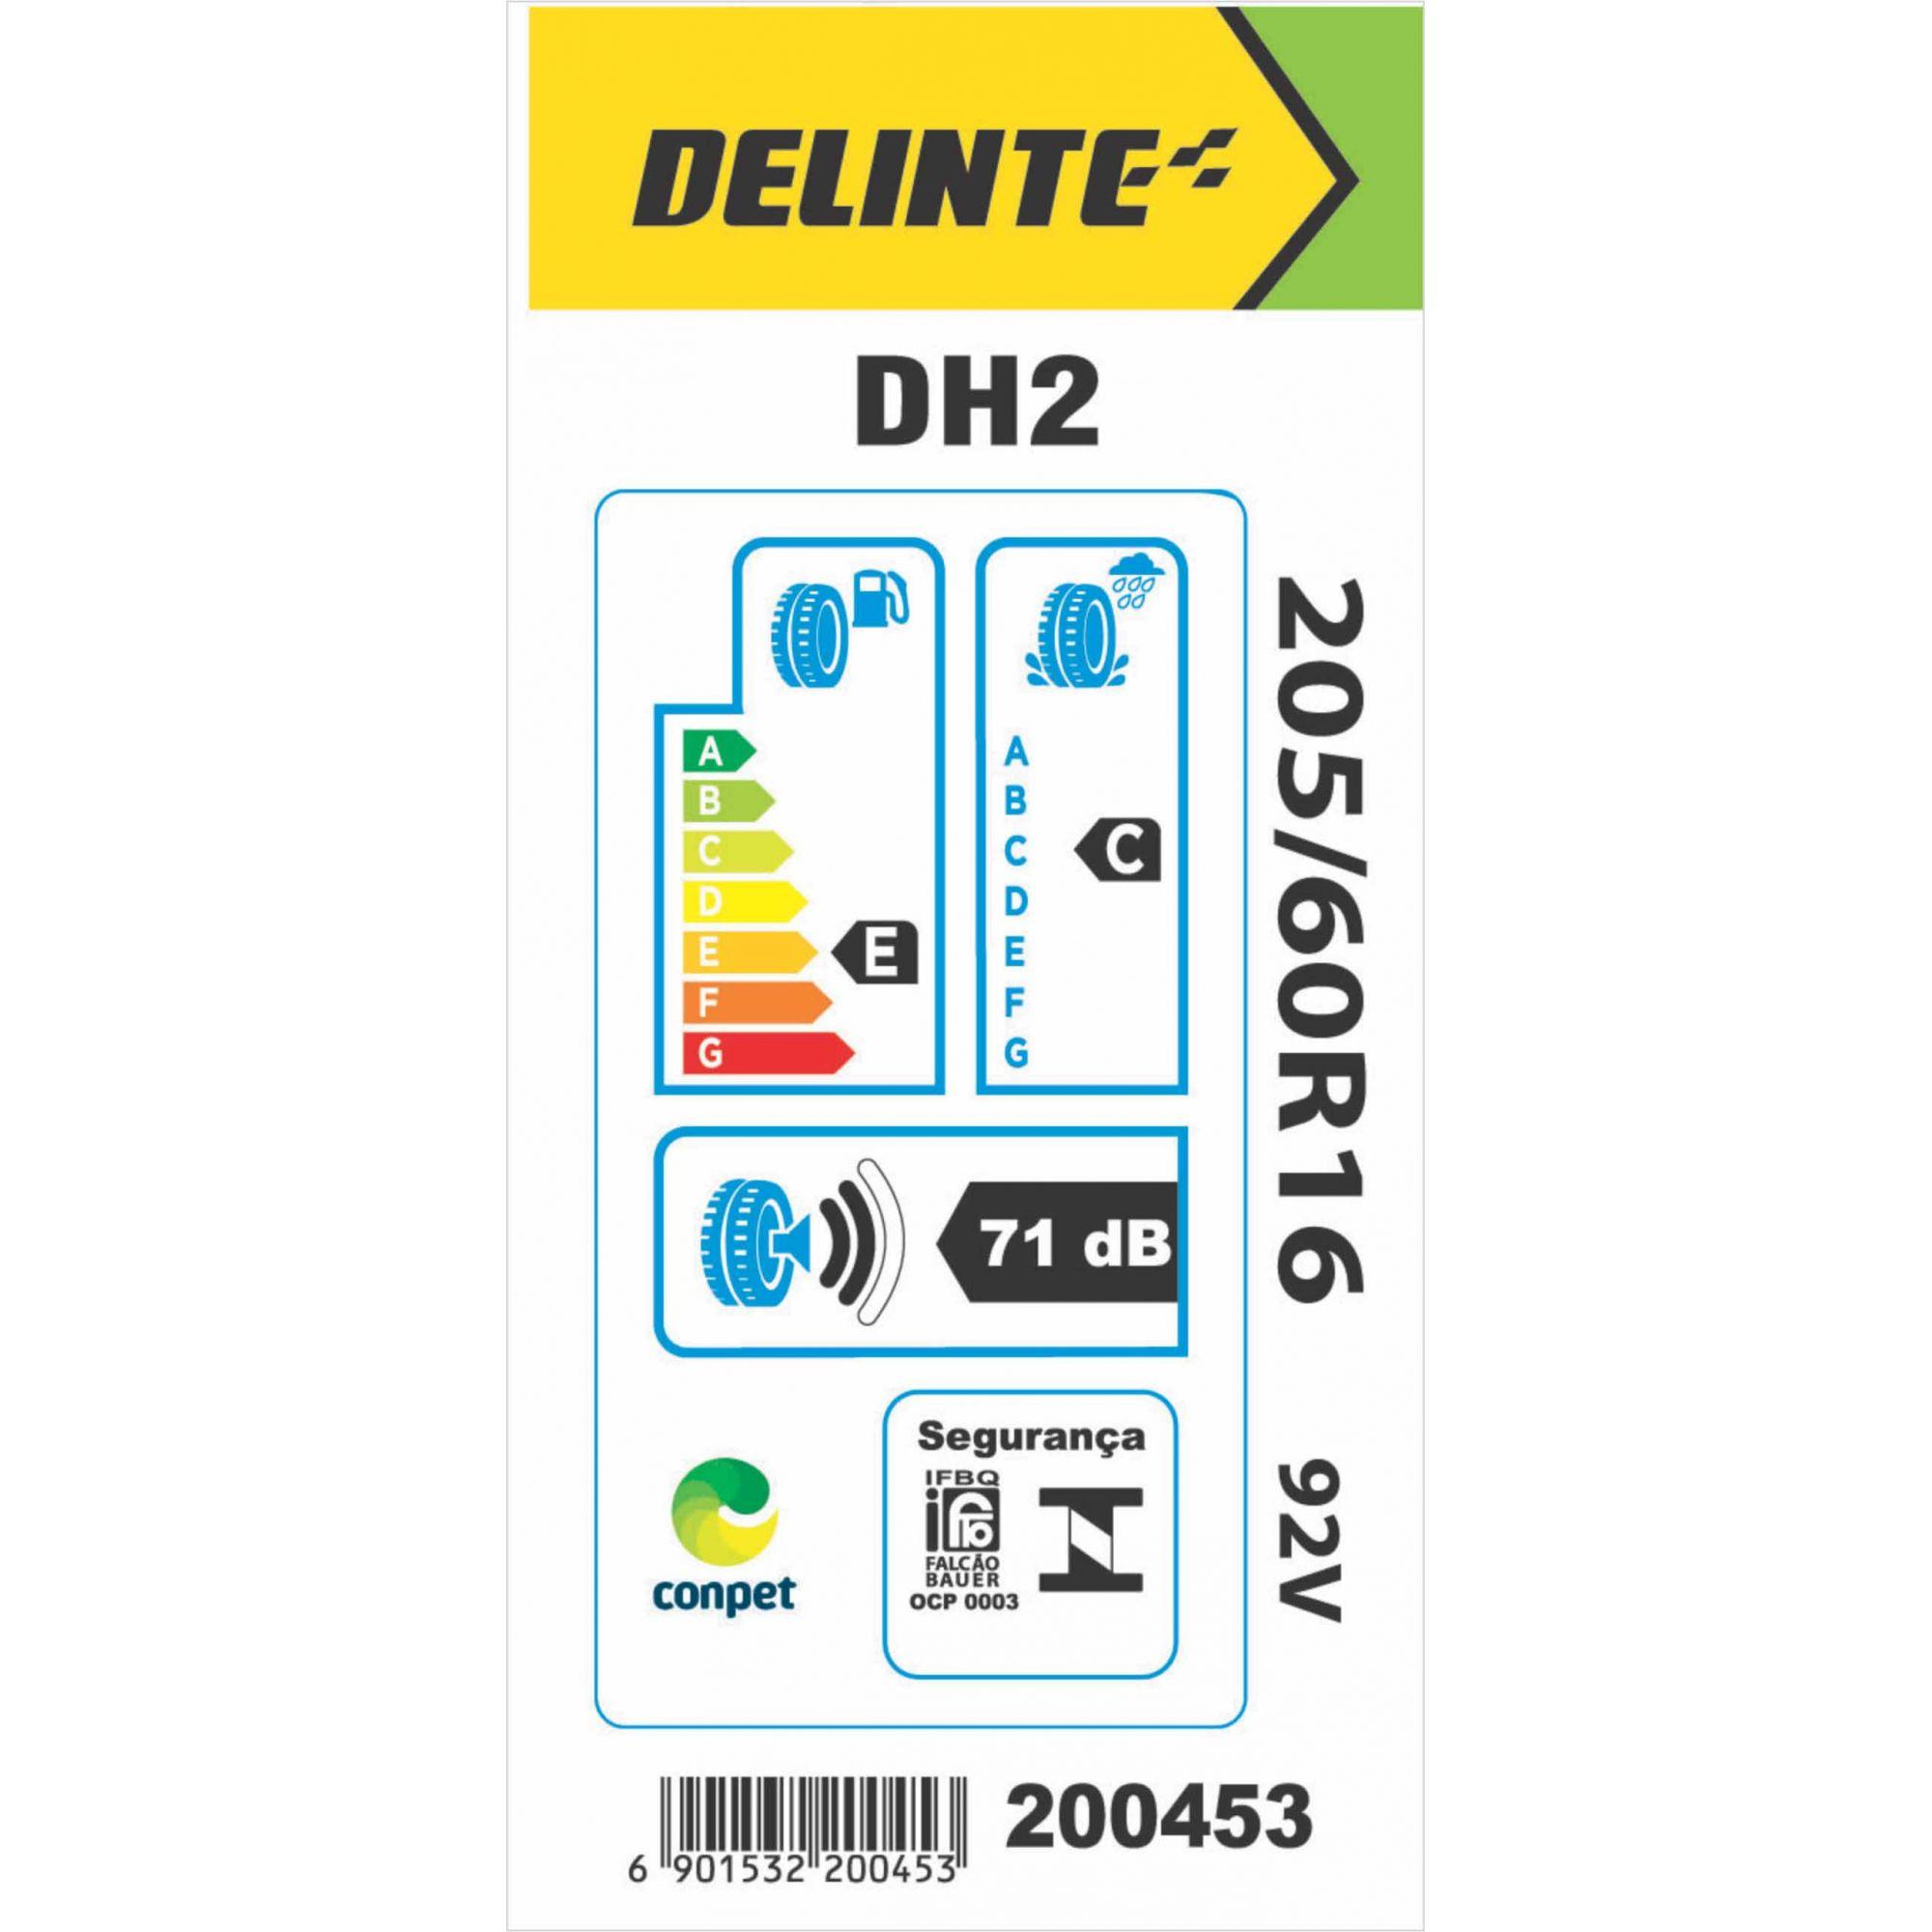 Pneu 205/60R16 Delinte DH2 92V